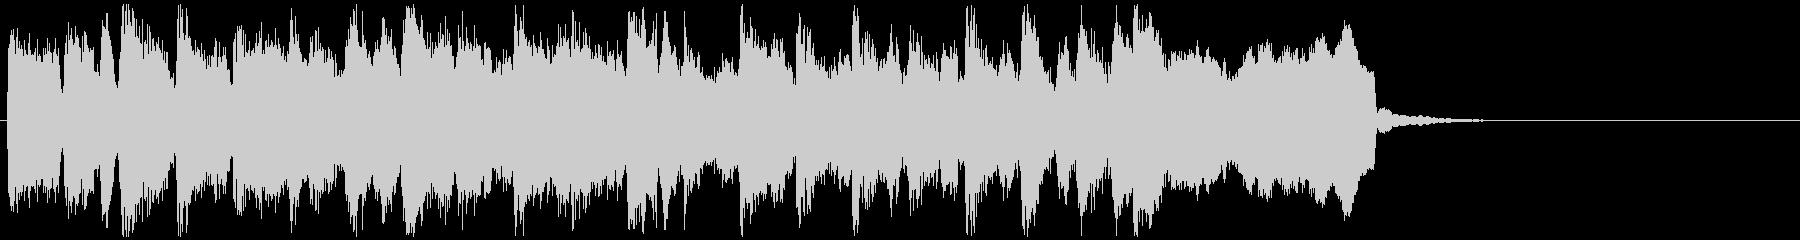 ピクニック系リコーダーポップスのジングルの未再生の波形